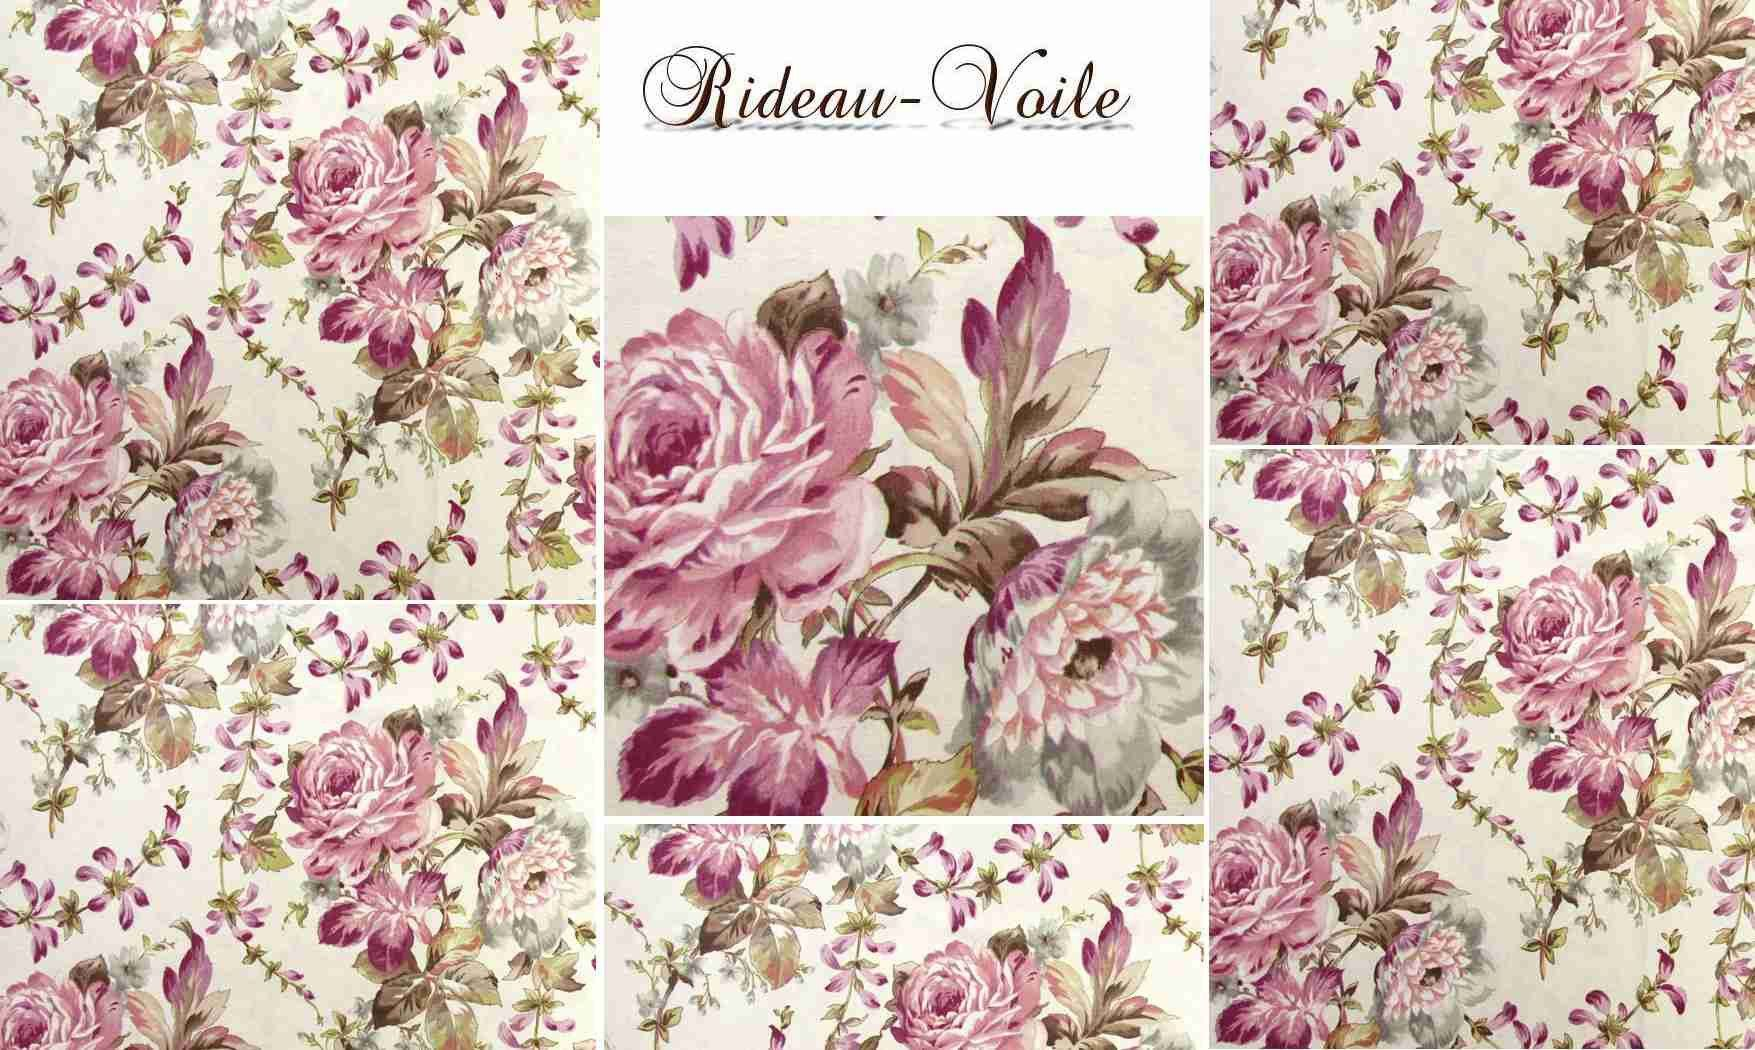 tissu oiseaux fleurs imprim motif d co d coration rideau curtain eyelets drapes vorhang. Black Bedroom Furniture Sets. Home Design Ideas